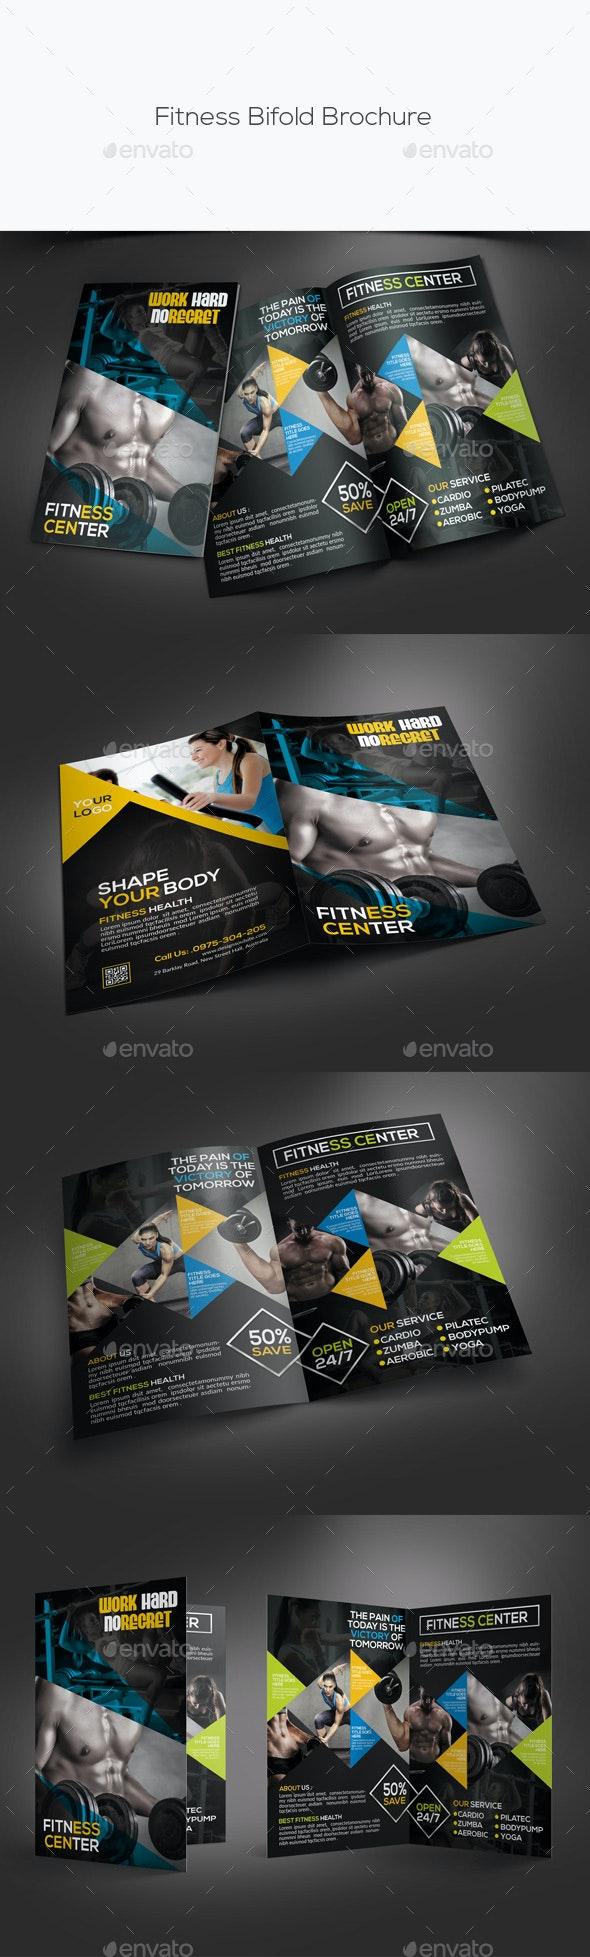 Fitness Bifold Brochure - Informational Brochures